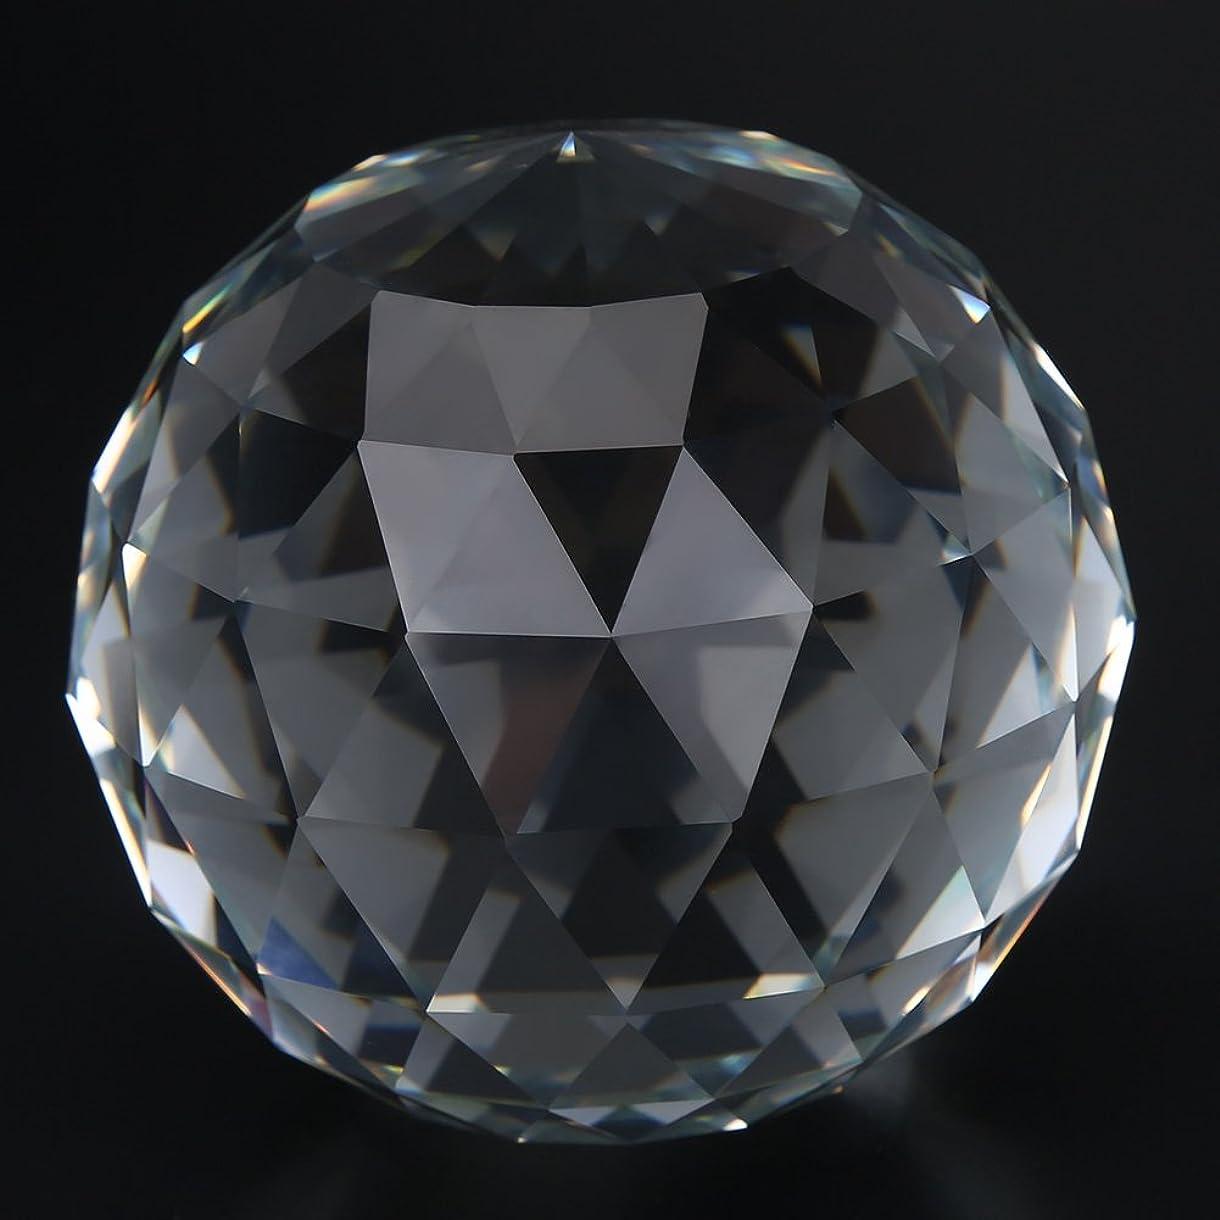 換気するアーネストシャクルトンがっかりする60 / 80mm ガラス球 水晶球 クリア カットクリスタルプリズム ガラスボール ホームホテル 装飾 ハードウェア継手ホット(80MM/3.15in)